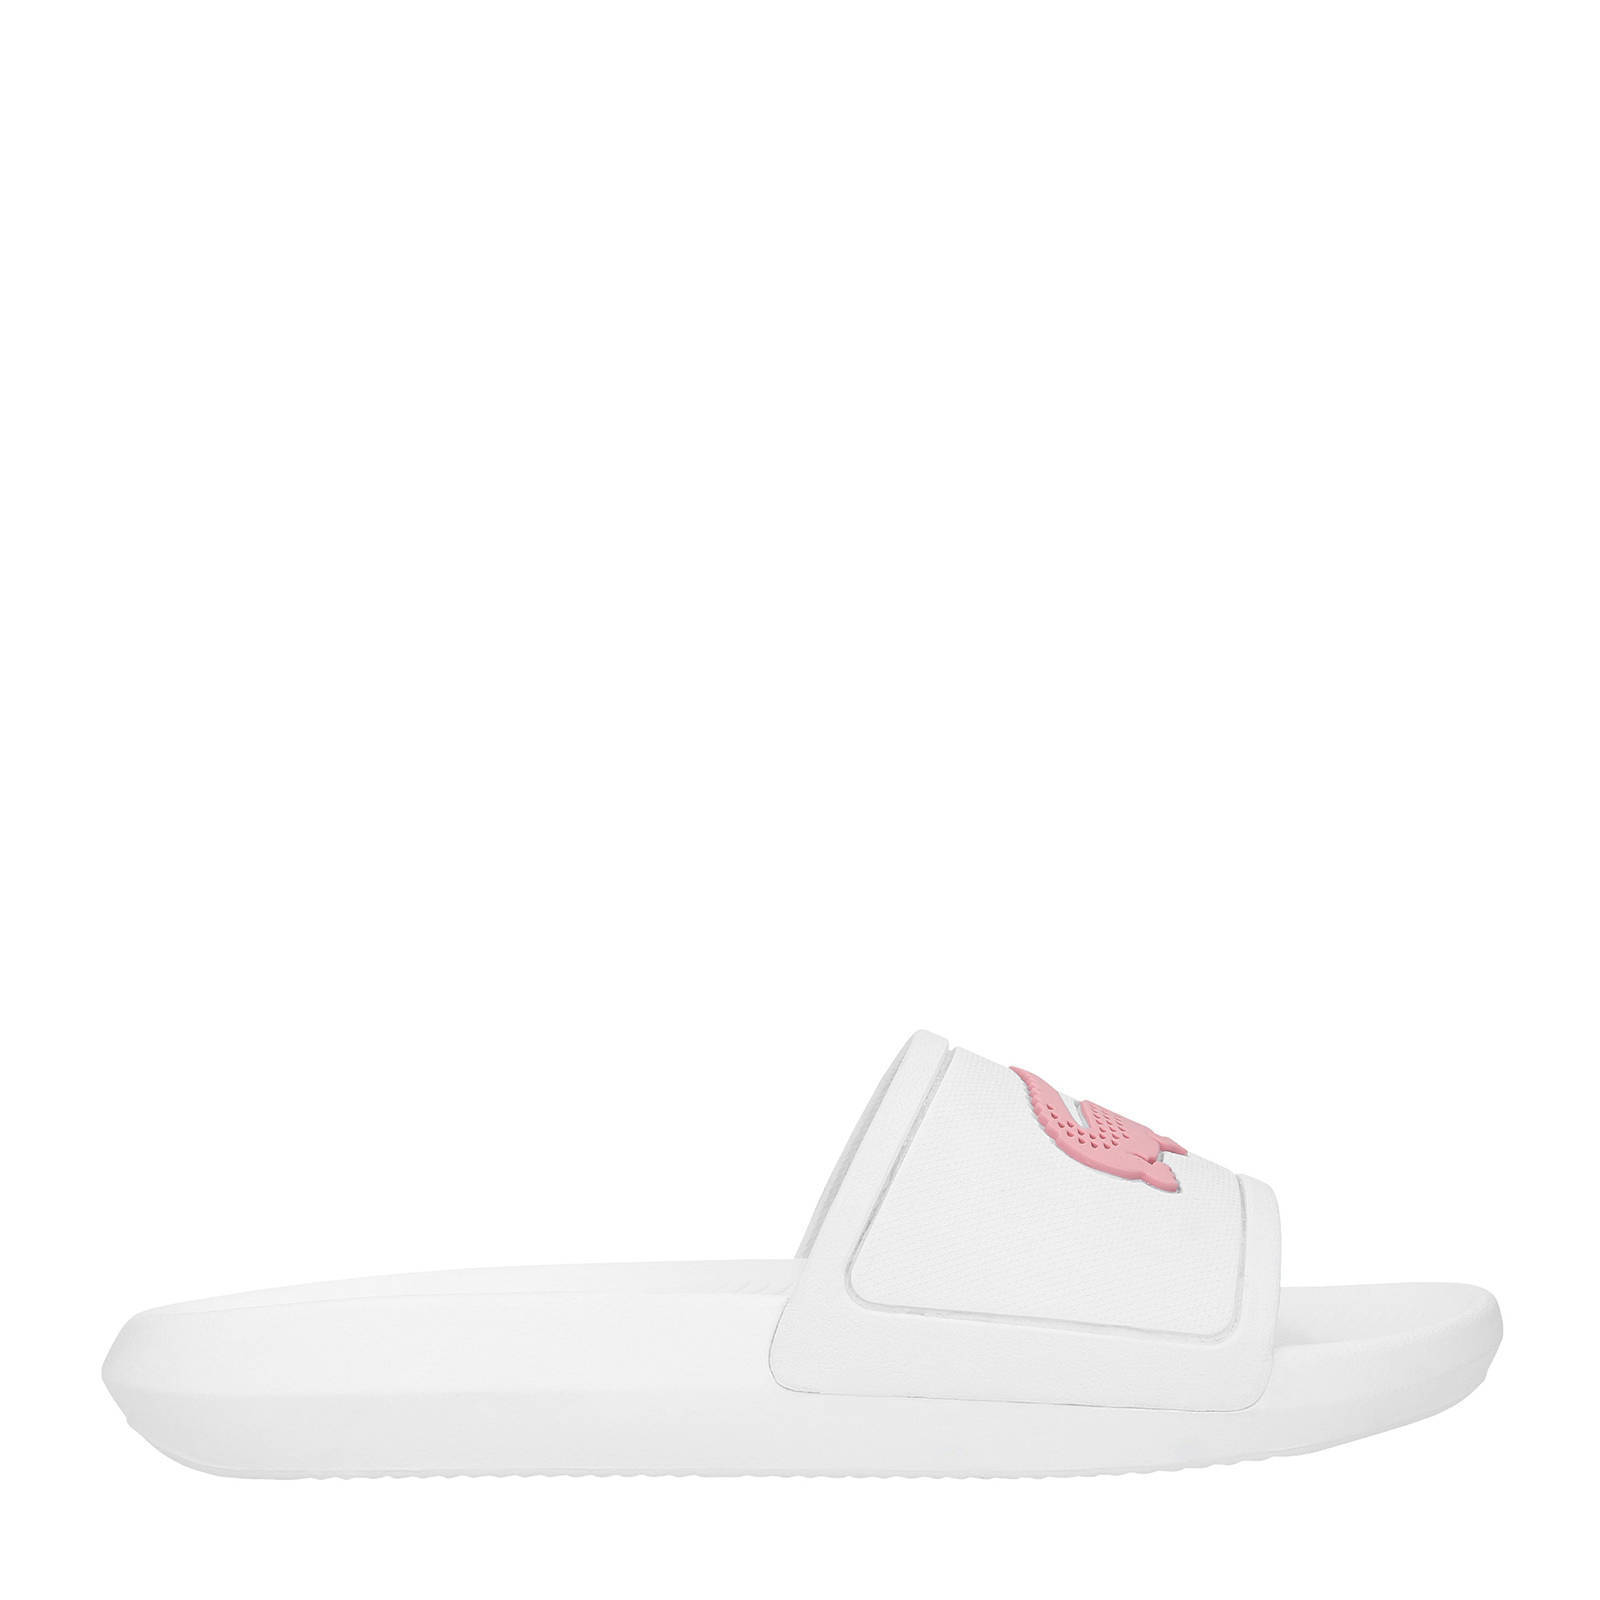 Croco Lacoste 119 Slide roze badslippers wit A8Ww7qpd